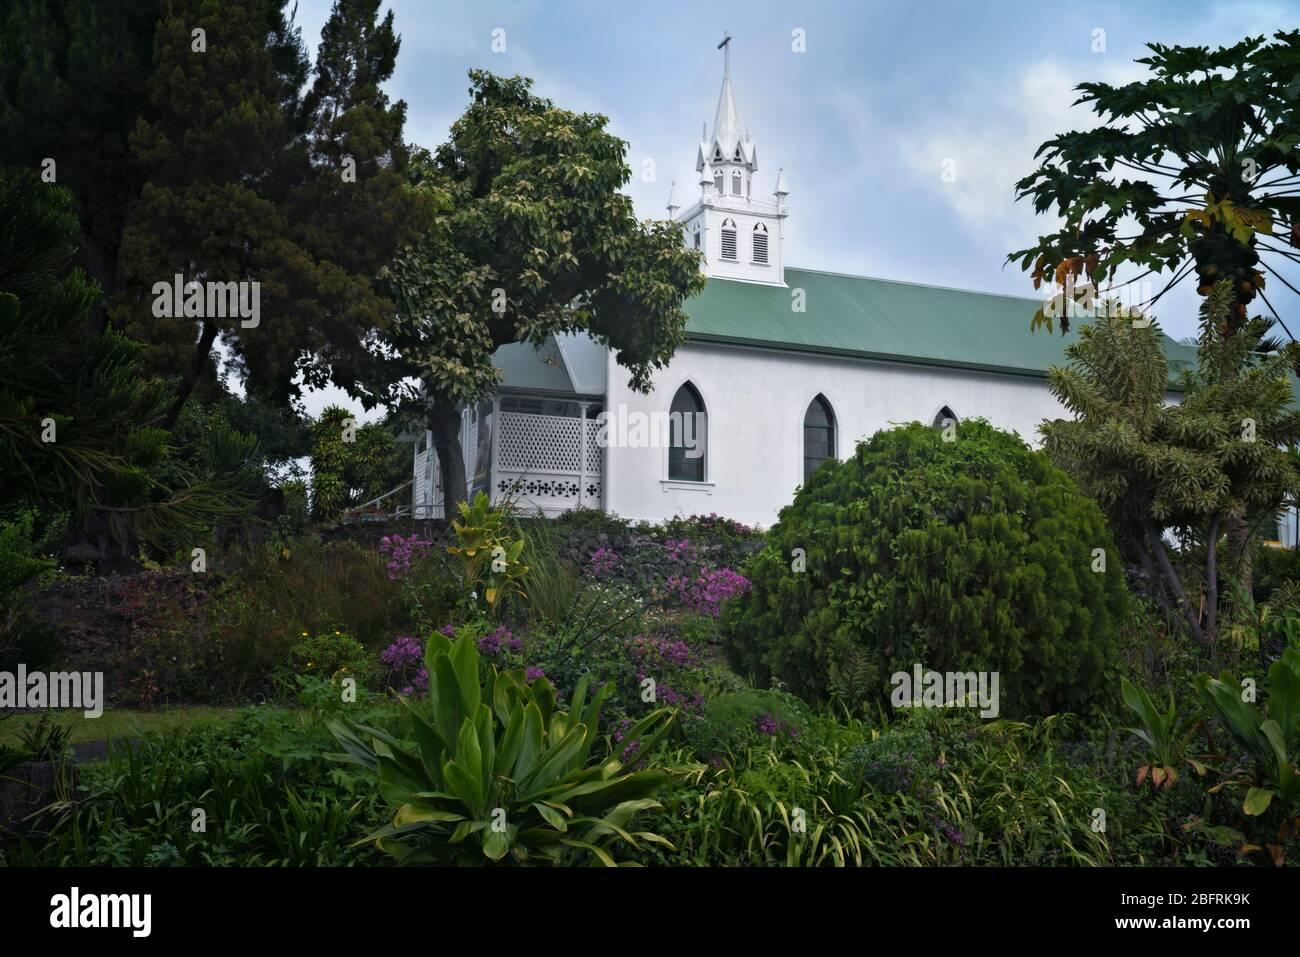 L'Église catholique Saint-Benoît est connue sous le nom d'Église peinte et date de 1842 et située dans le district sud de Kona sur la Grande île d'Hawaï Banque D'Images